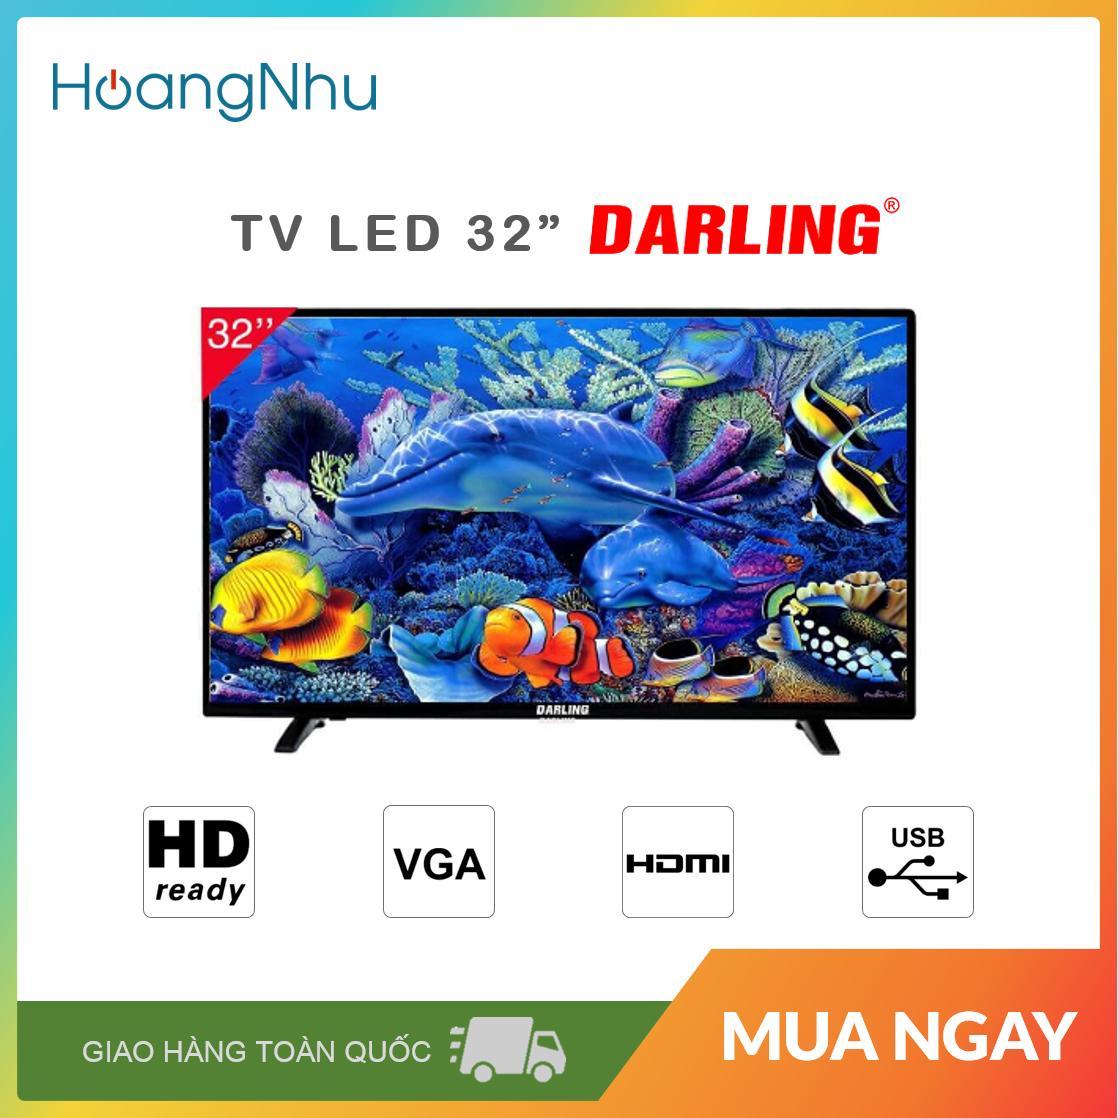 Bảng giá TV LED Darling 32 inch Model 32HD957 (HD Ready) - Bảo hành toàn quốc 2 năm